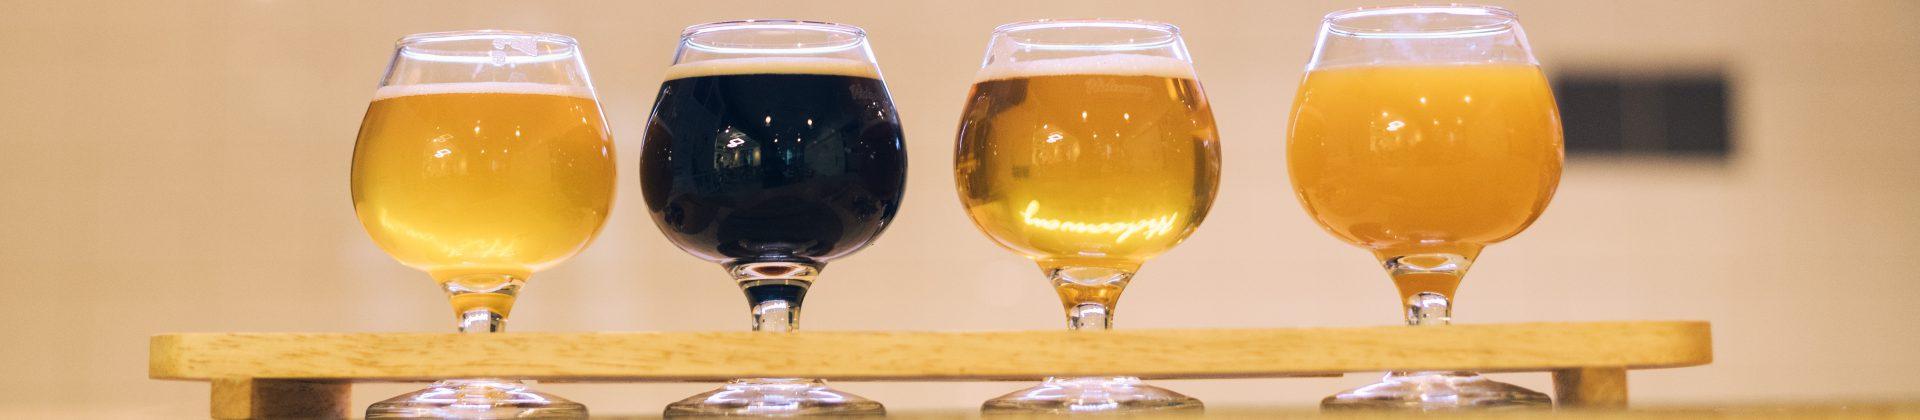 分类: IPA/Pale Ale